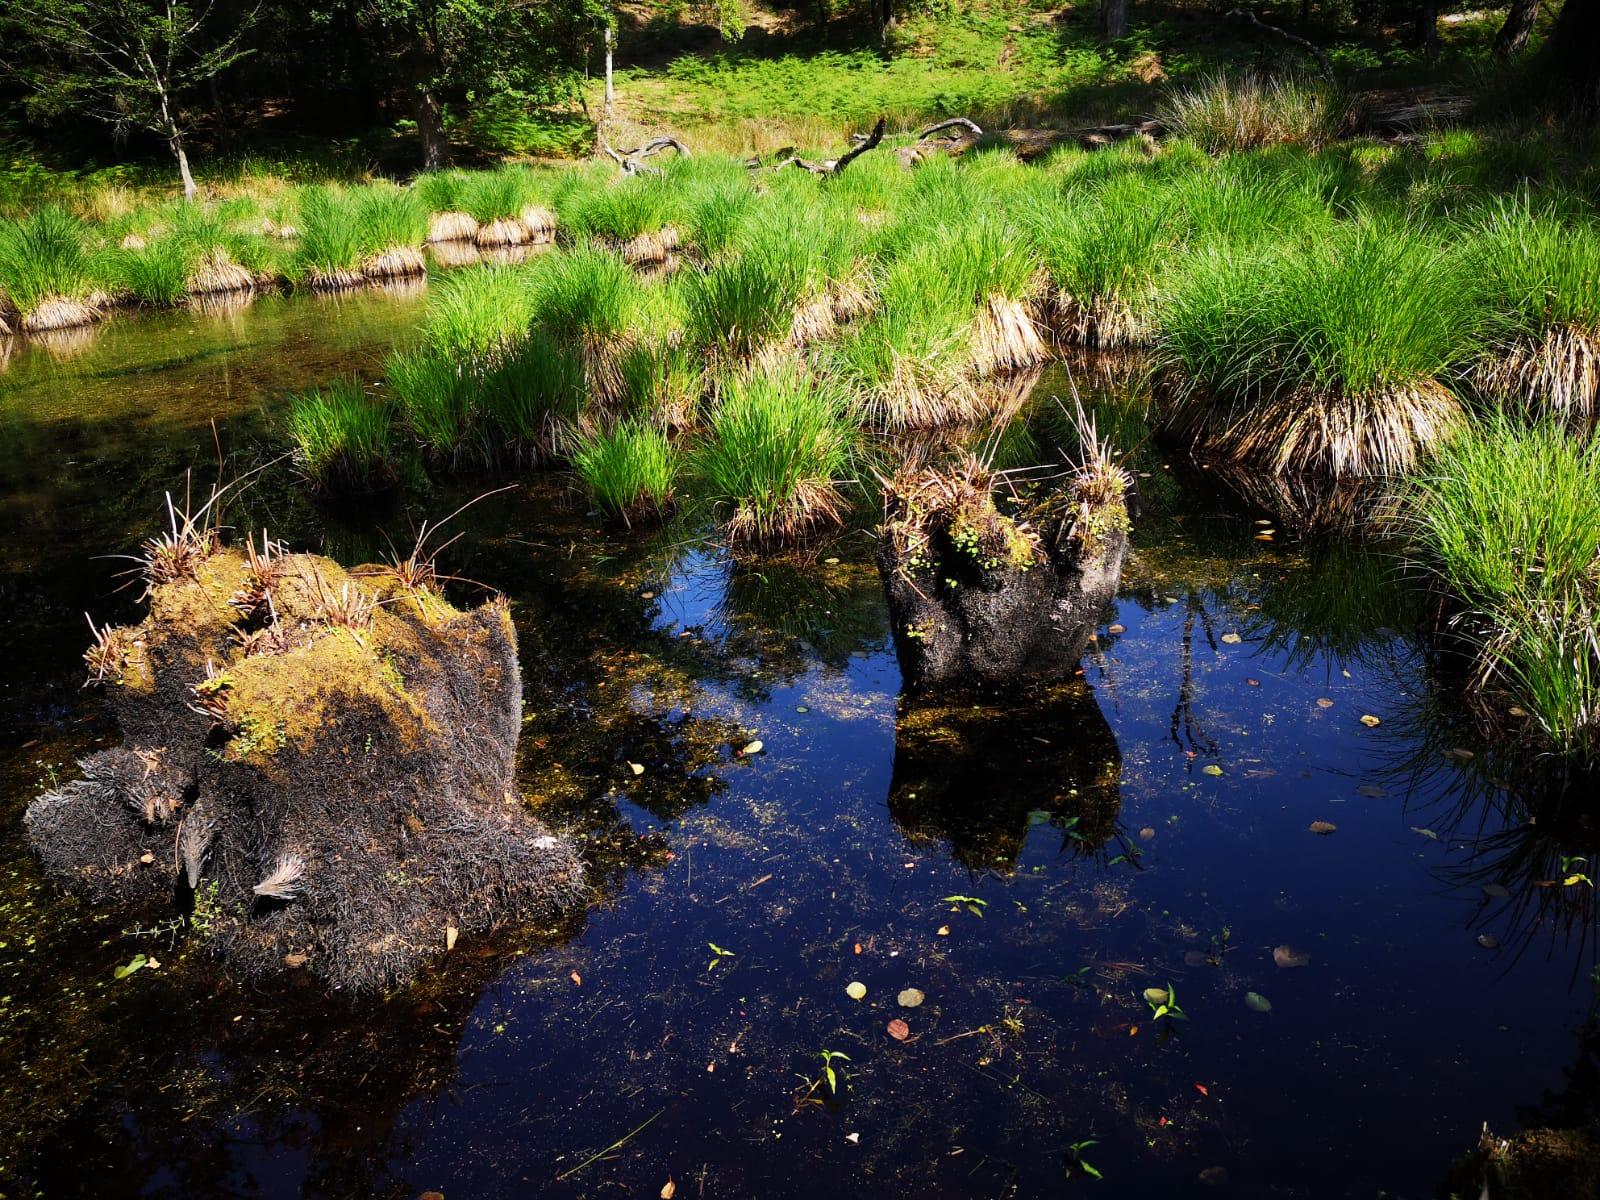 Riserva naturale Palazzetto (Parco Naturale Migliarino, San Rossore, Massaciuccoli)